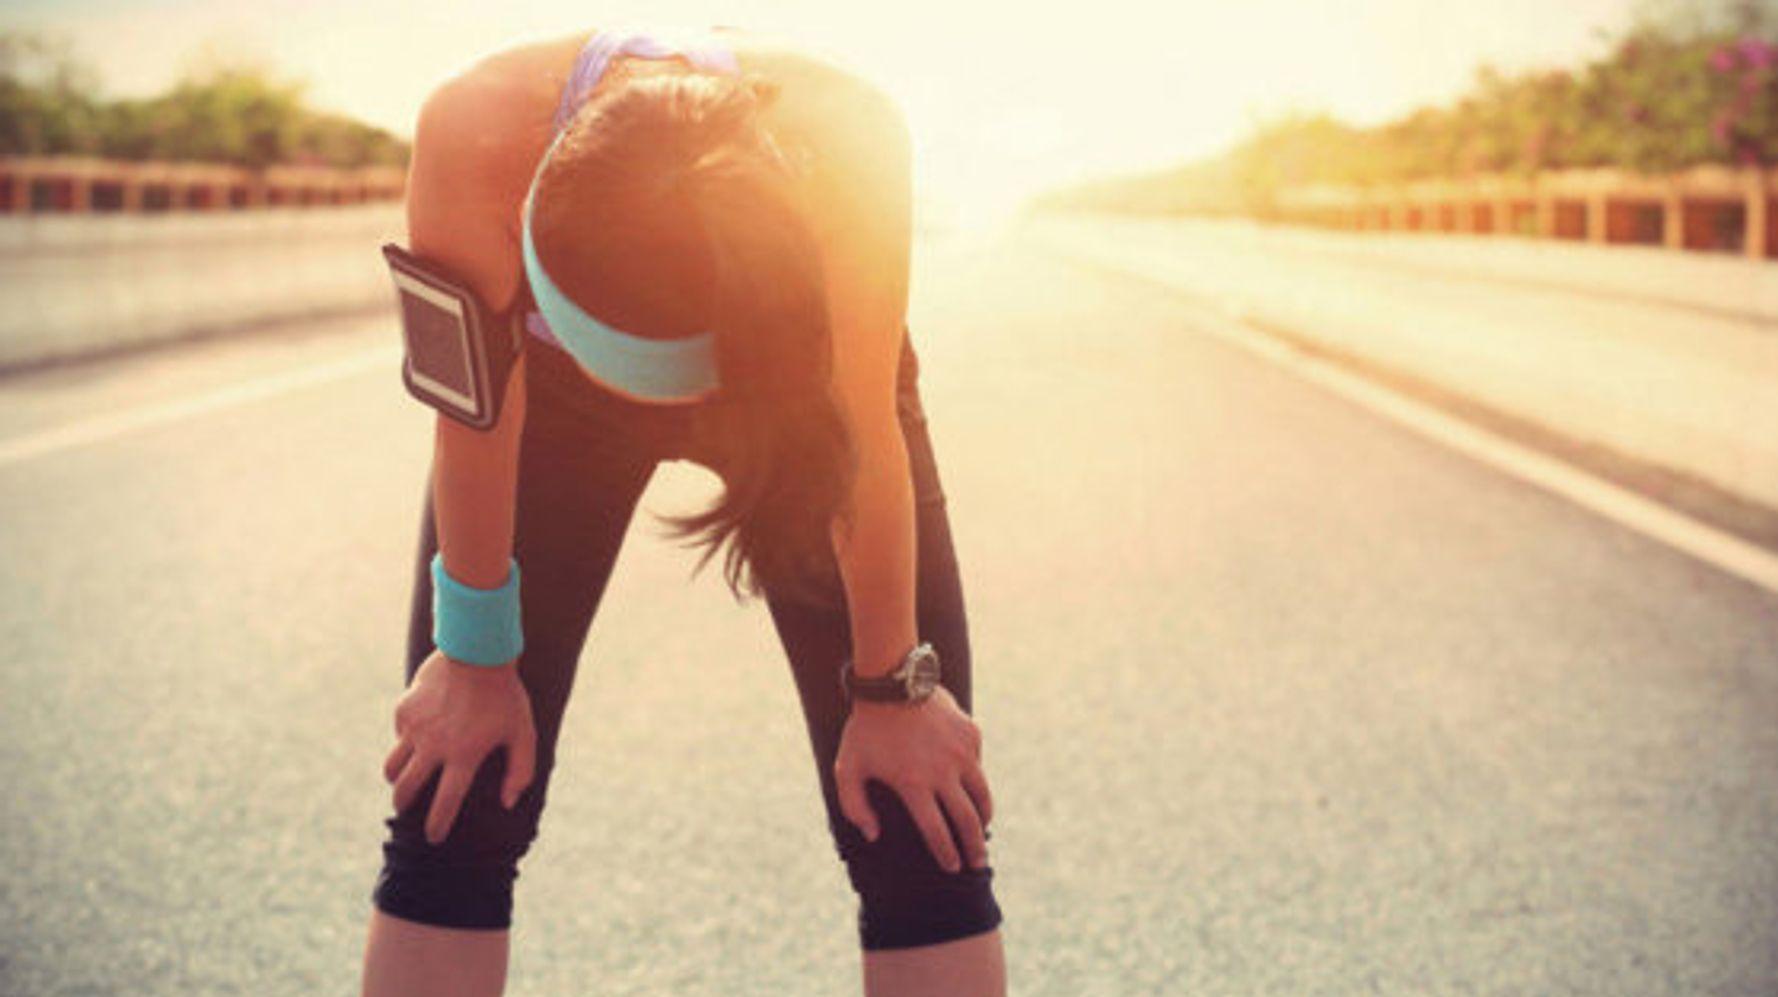 comment perdre de la graisse du sein chimie corporelle de perte de poids